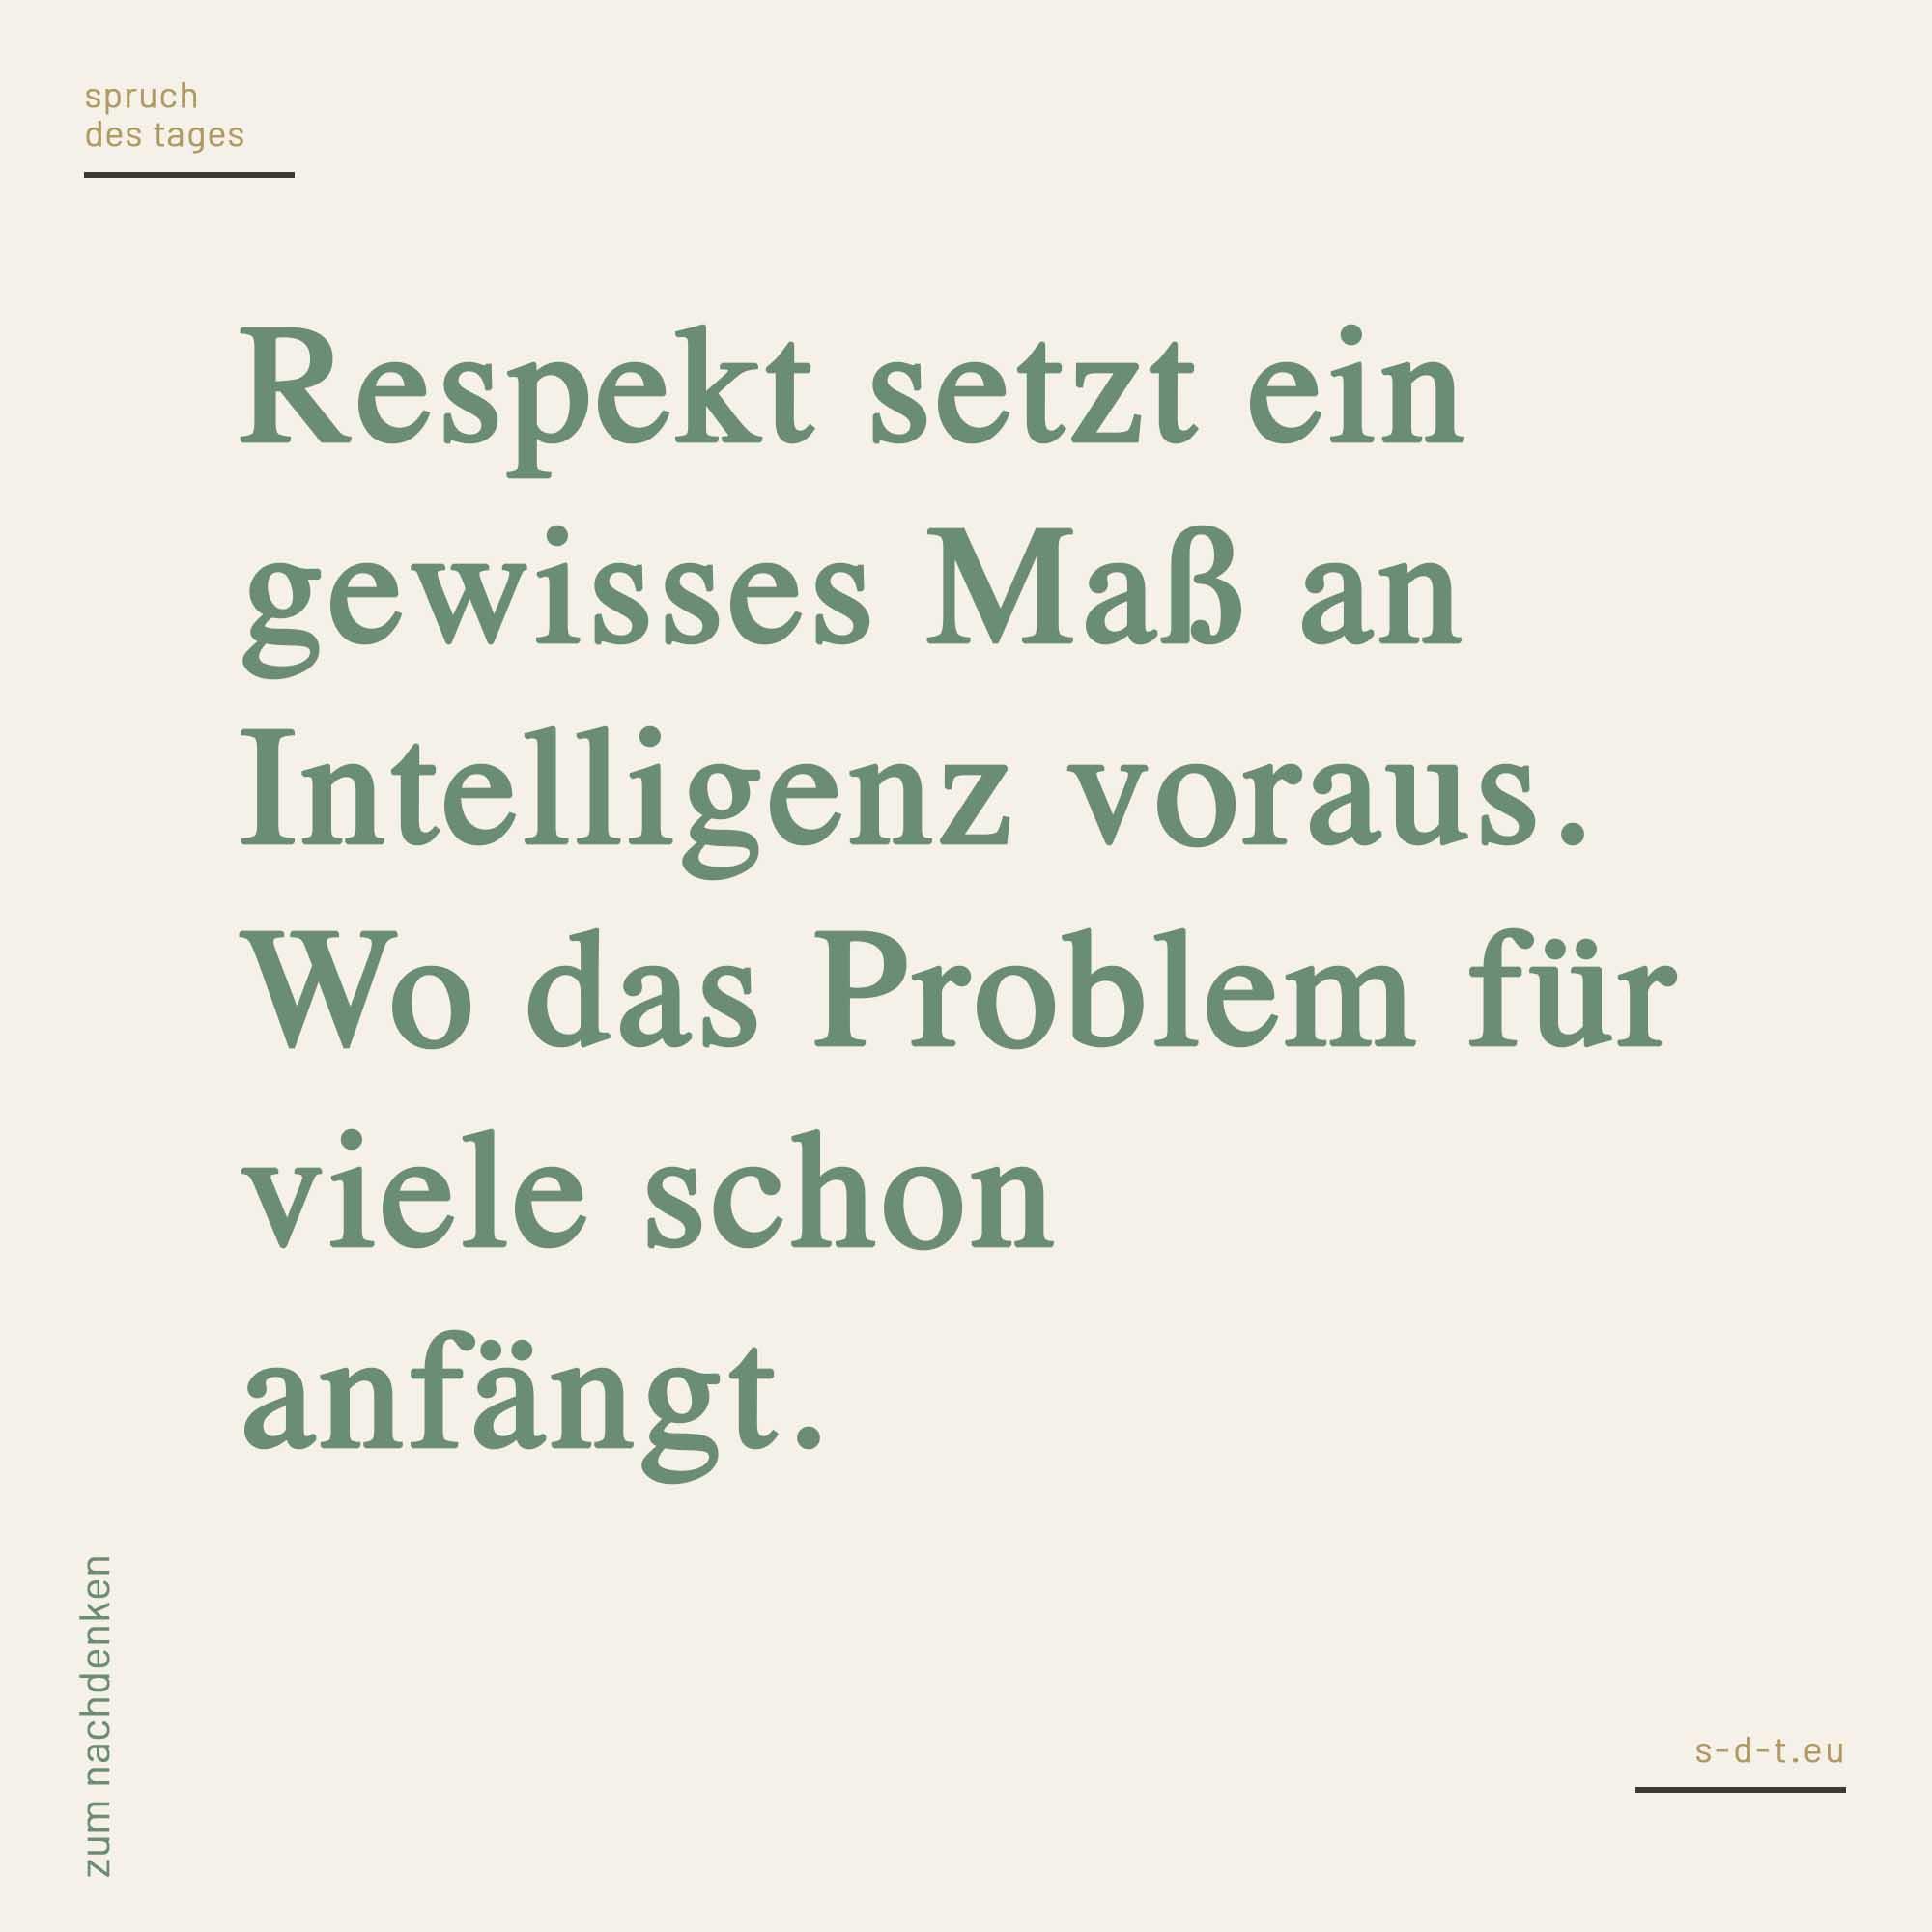 Sprüche anstand respekt